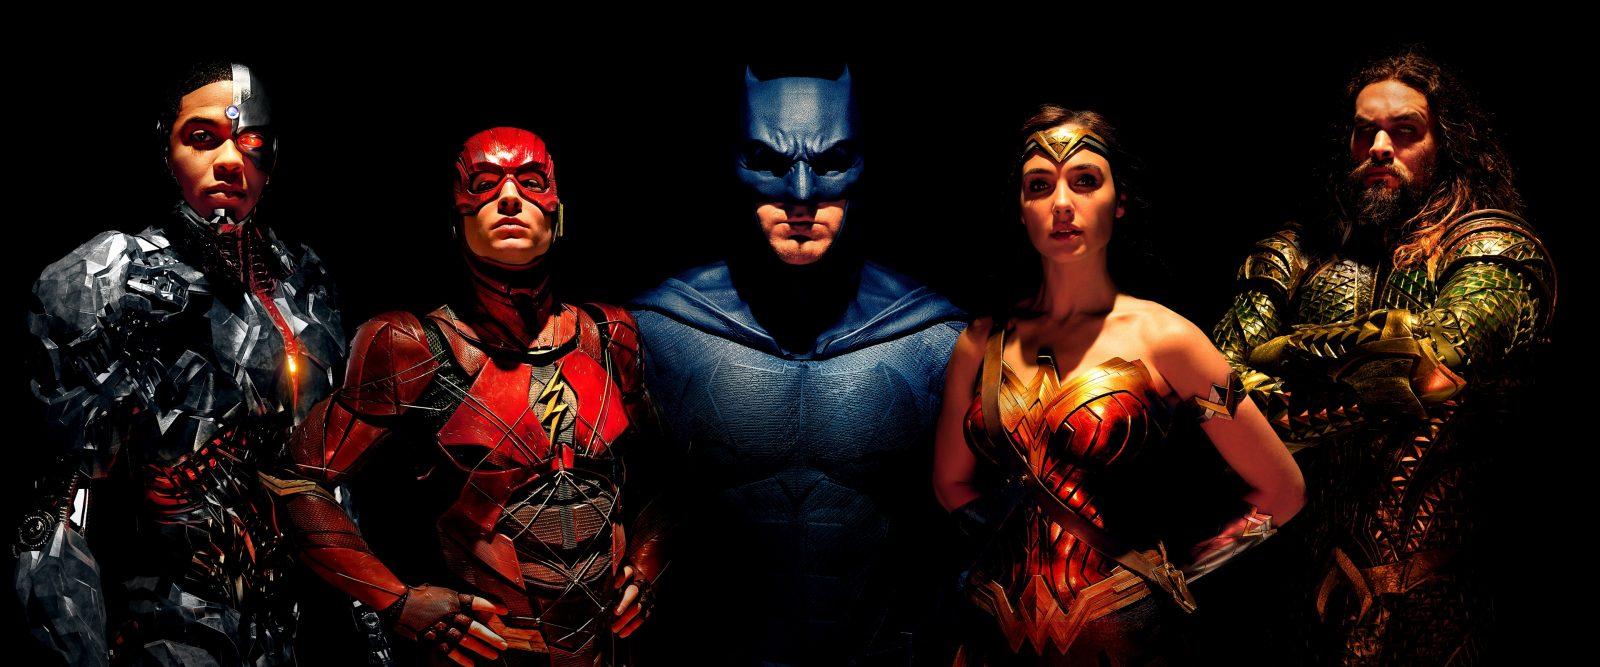 В «Лиге справедливости» Зака Снайдера будет больше спецэффектов, чем в «Мстителях: Финал»